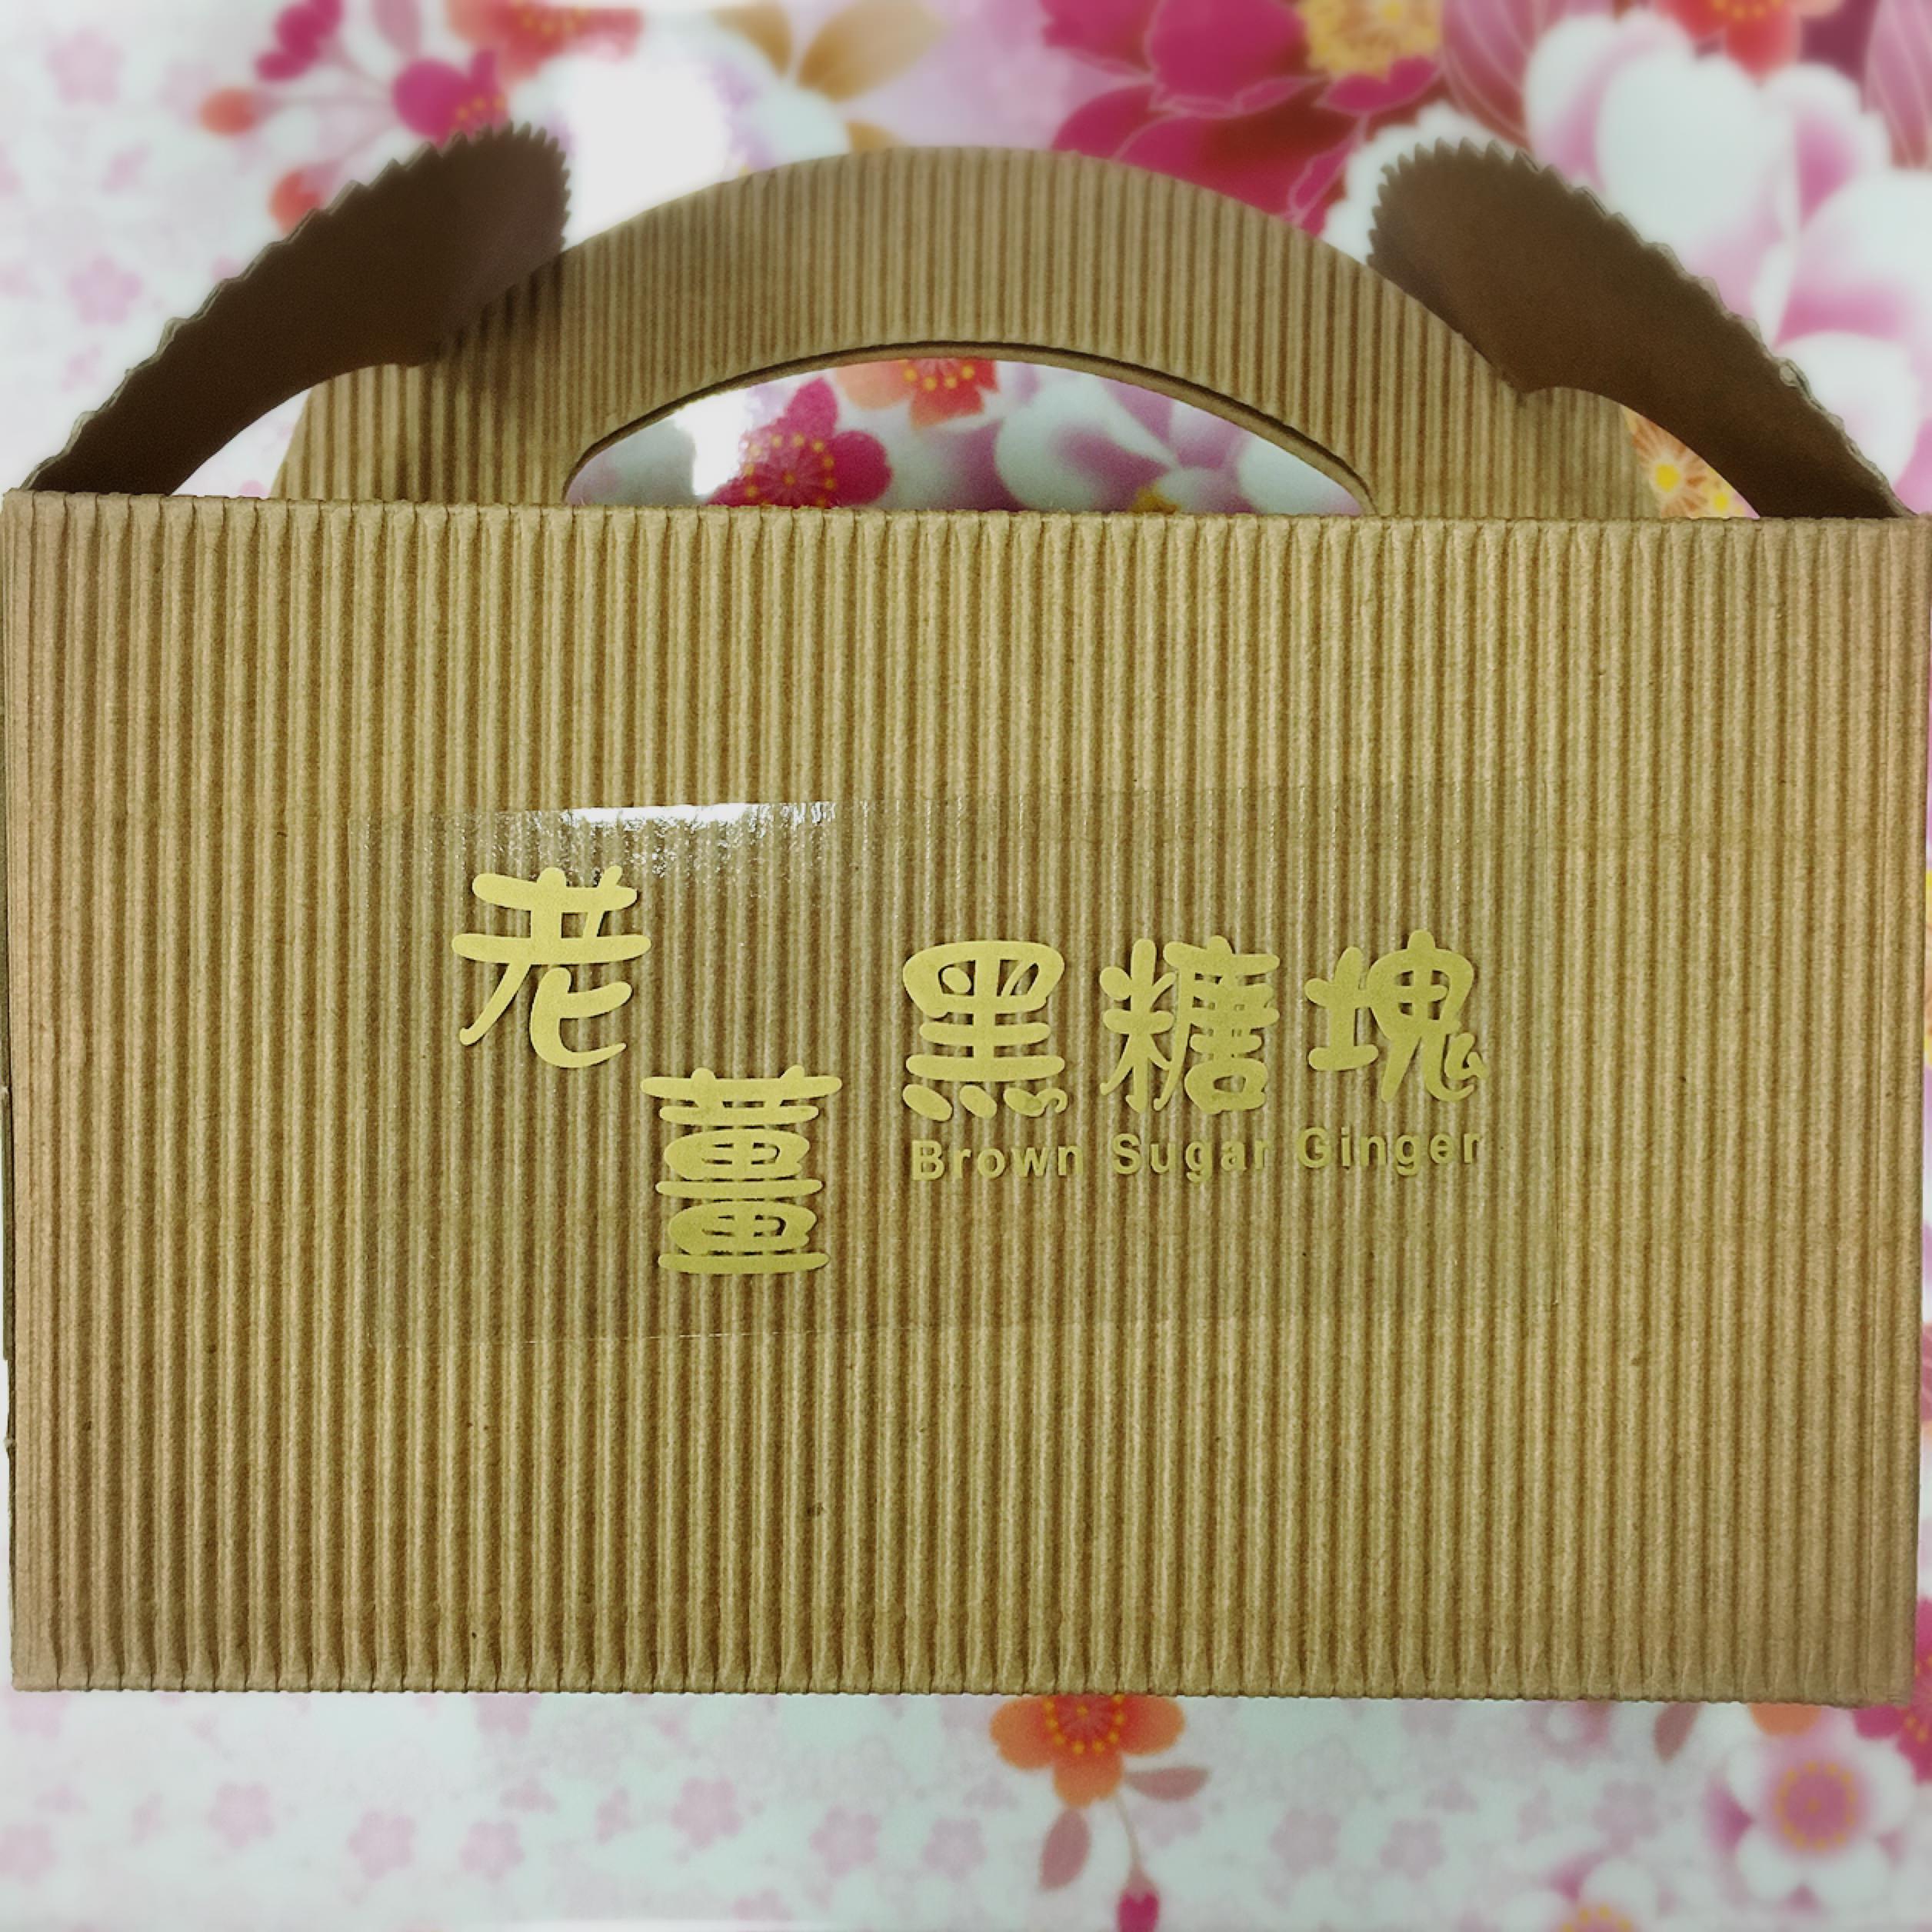 ★年節禮盒特賣【老薑黑糖塊】10入/300g 黑糖茶磚/養生飲